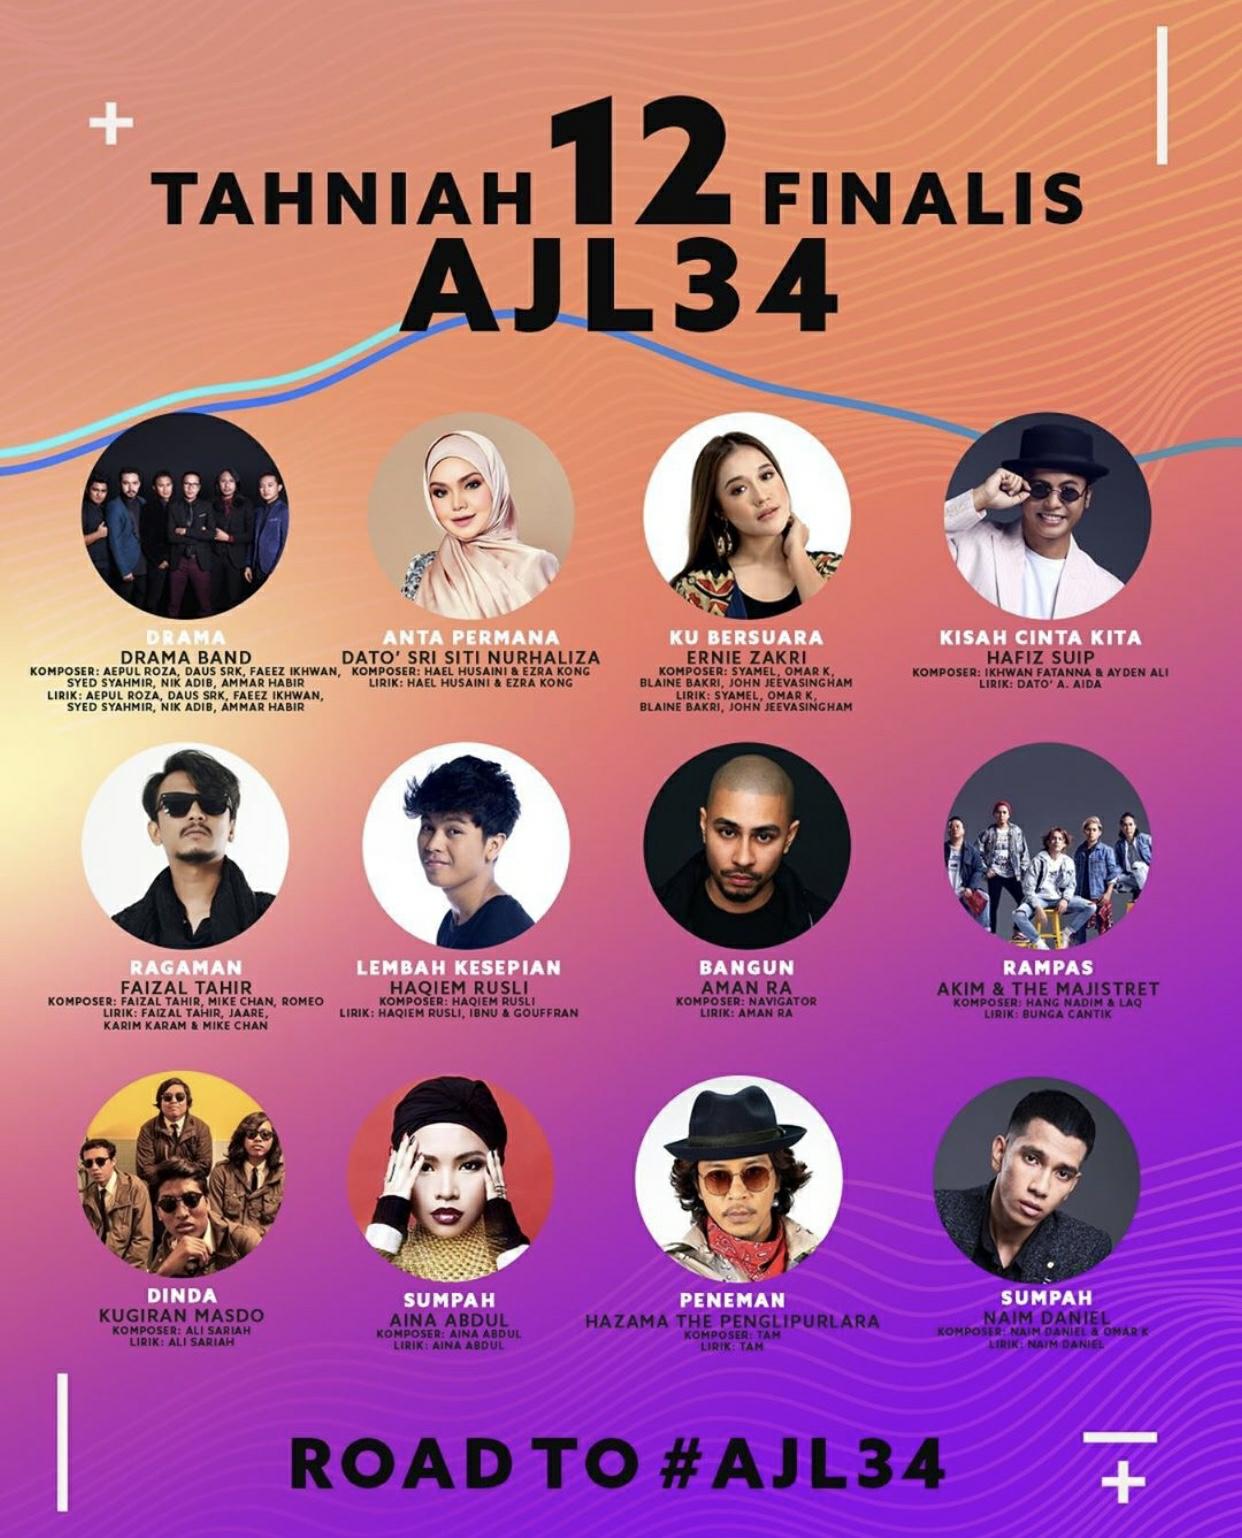 Anugerah Juara Lagu : Top 3 Juara Lagu 2020